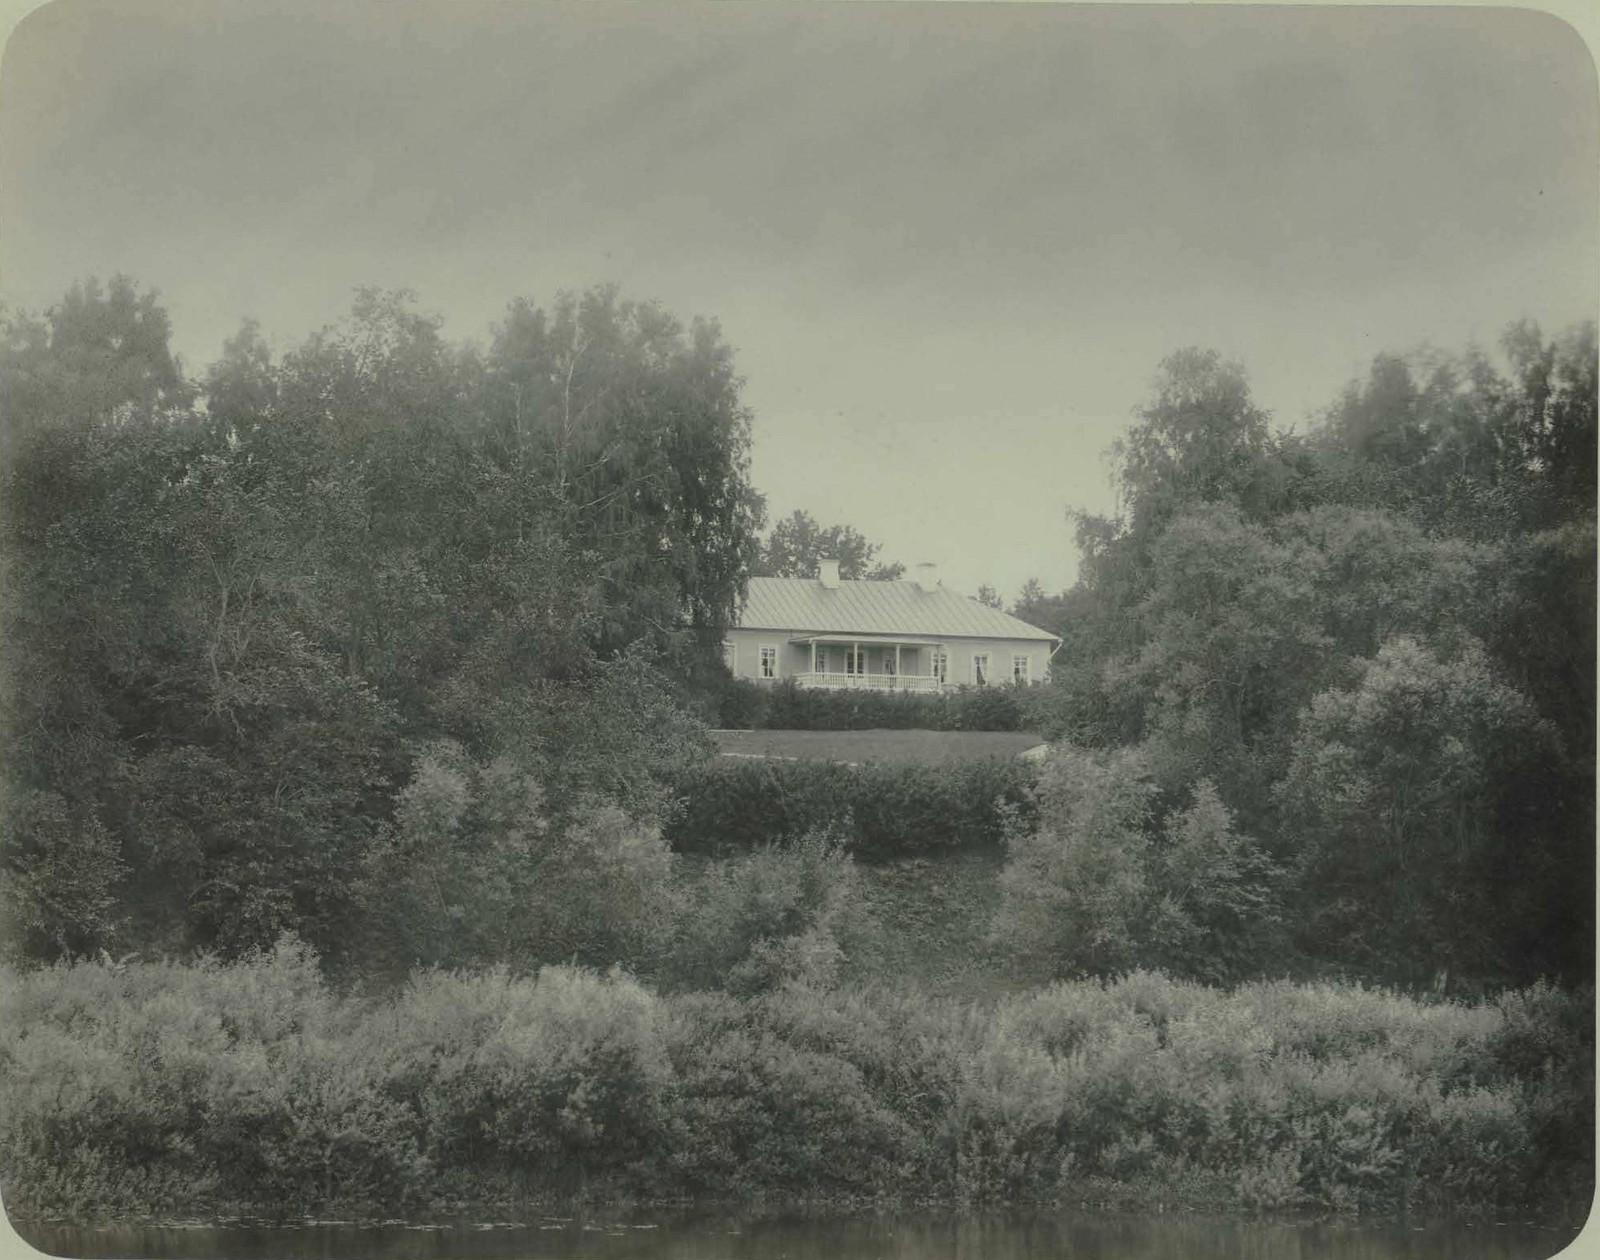 09. Усадьба Ильинское. Вид на деревянный дом с балконом